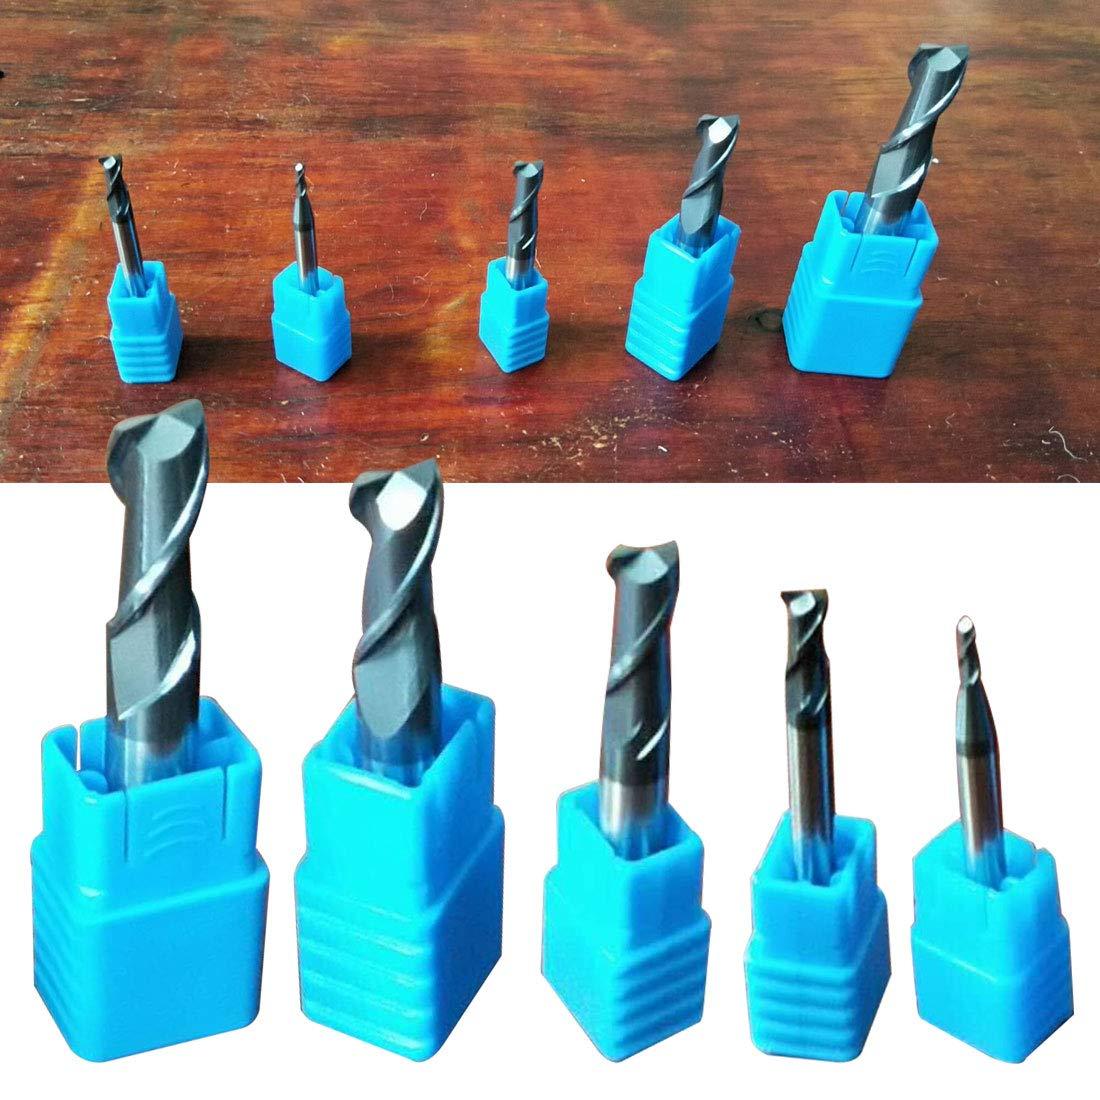 6mm 1 st/ück Fr/äser 4 Fl/öte Wolfram Stahl Schaftfr/äser Zylinderschaft Vollhartmetall CNC Fr/äser 2//3//4//5